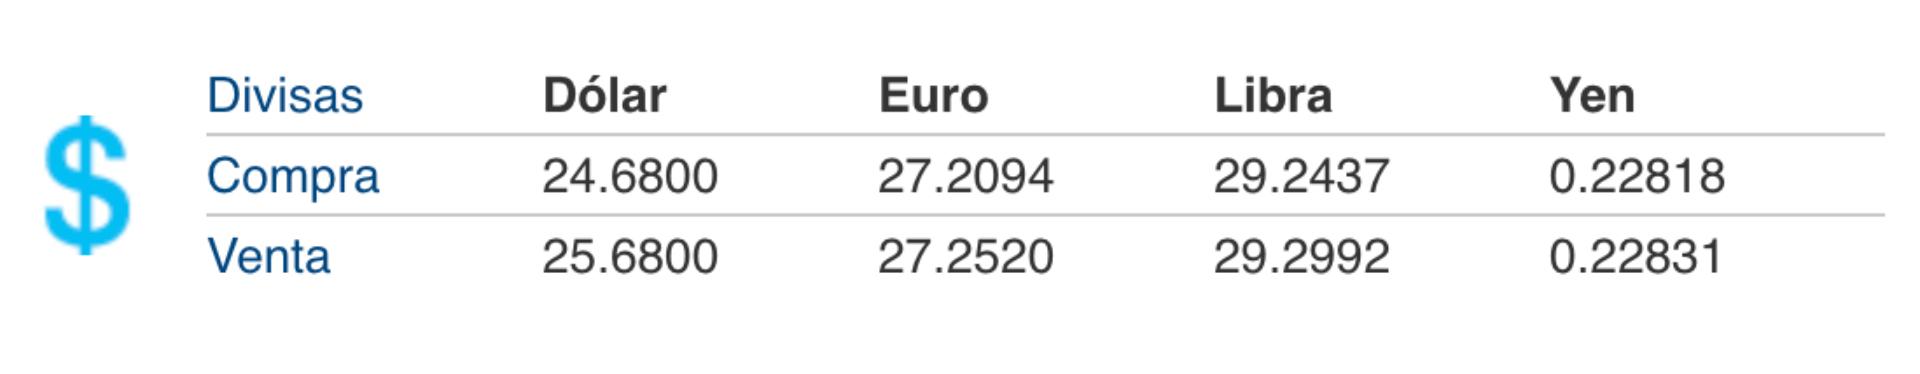 El dólar se vende en hasta 25.68 pesos mexicanos en Citibanamex este lunes 23 de marzo de 2020 (Foto: Citibanamex)